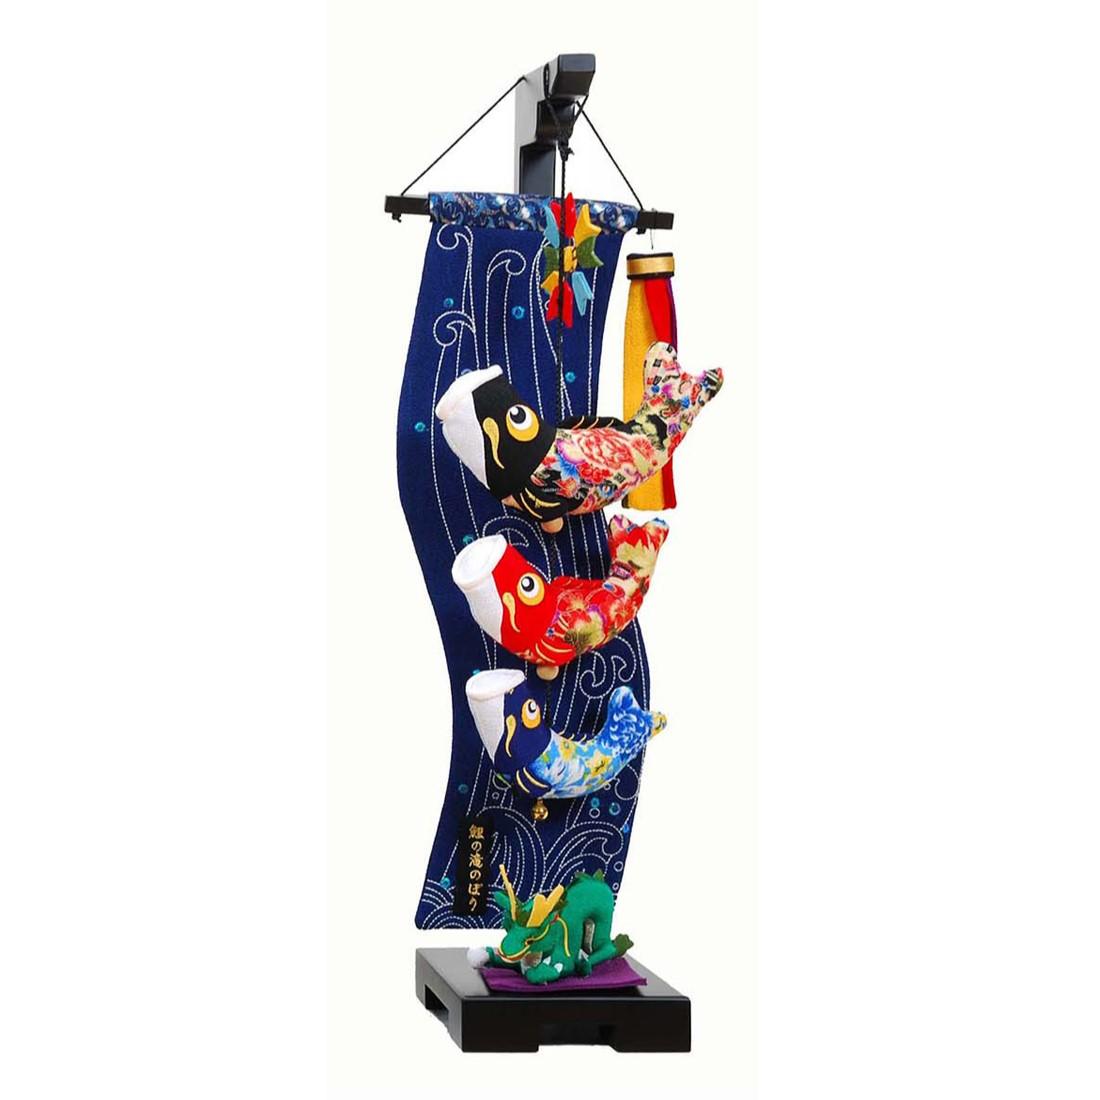 五月人形 脇飾り 室内用 こいのぼり 鯉の滝のぼり 小サイズ おしゃれ